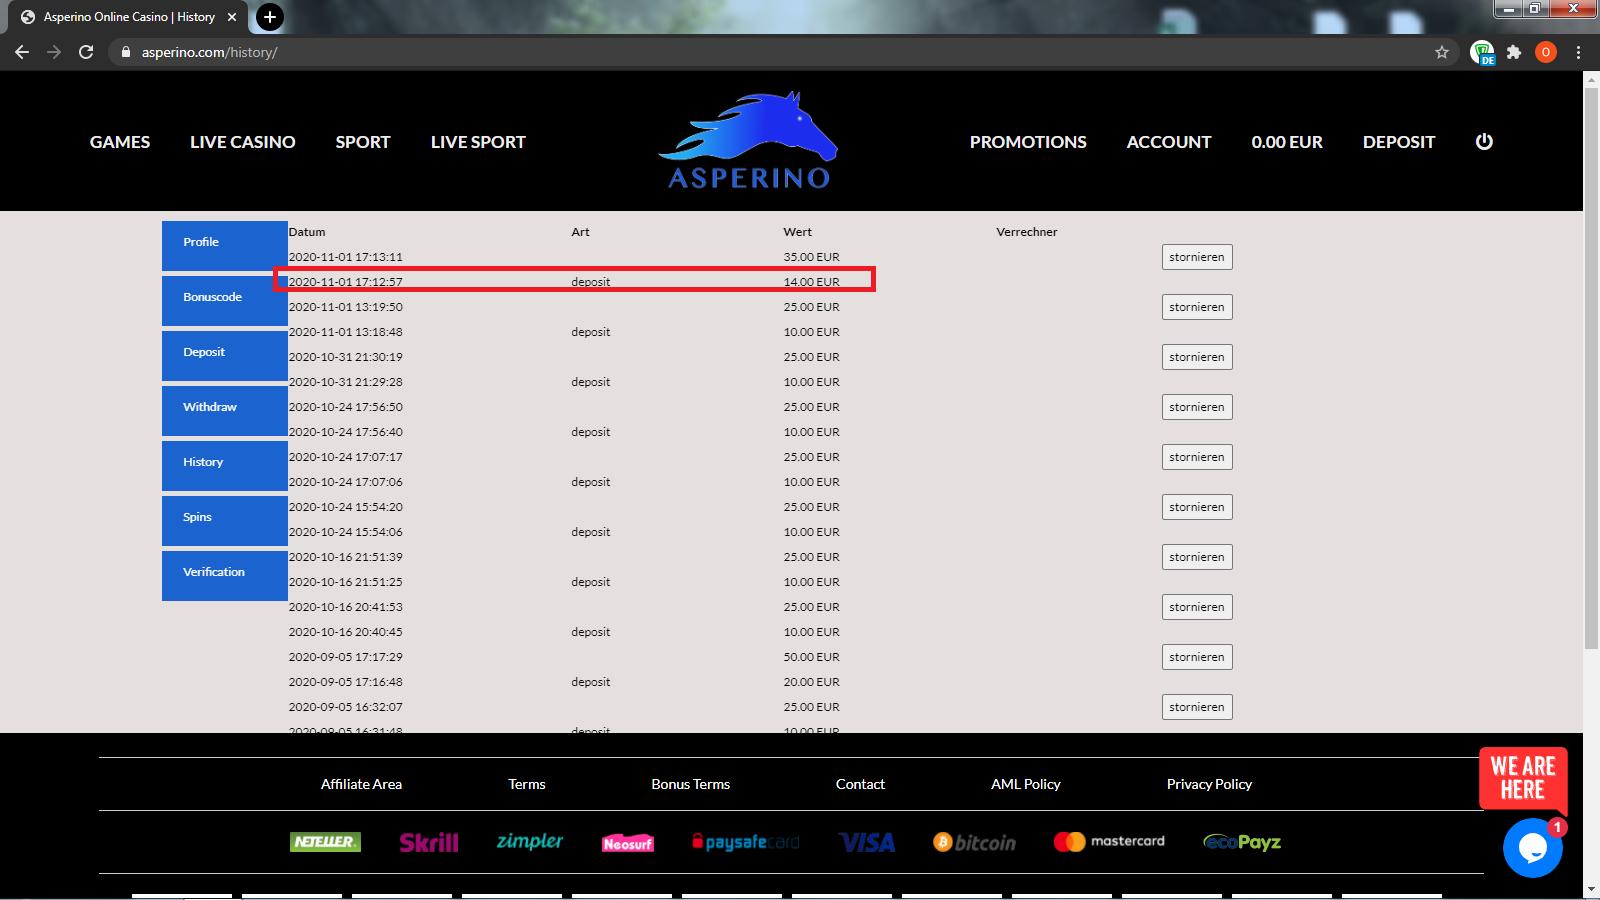 Asperino Casino